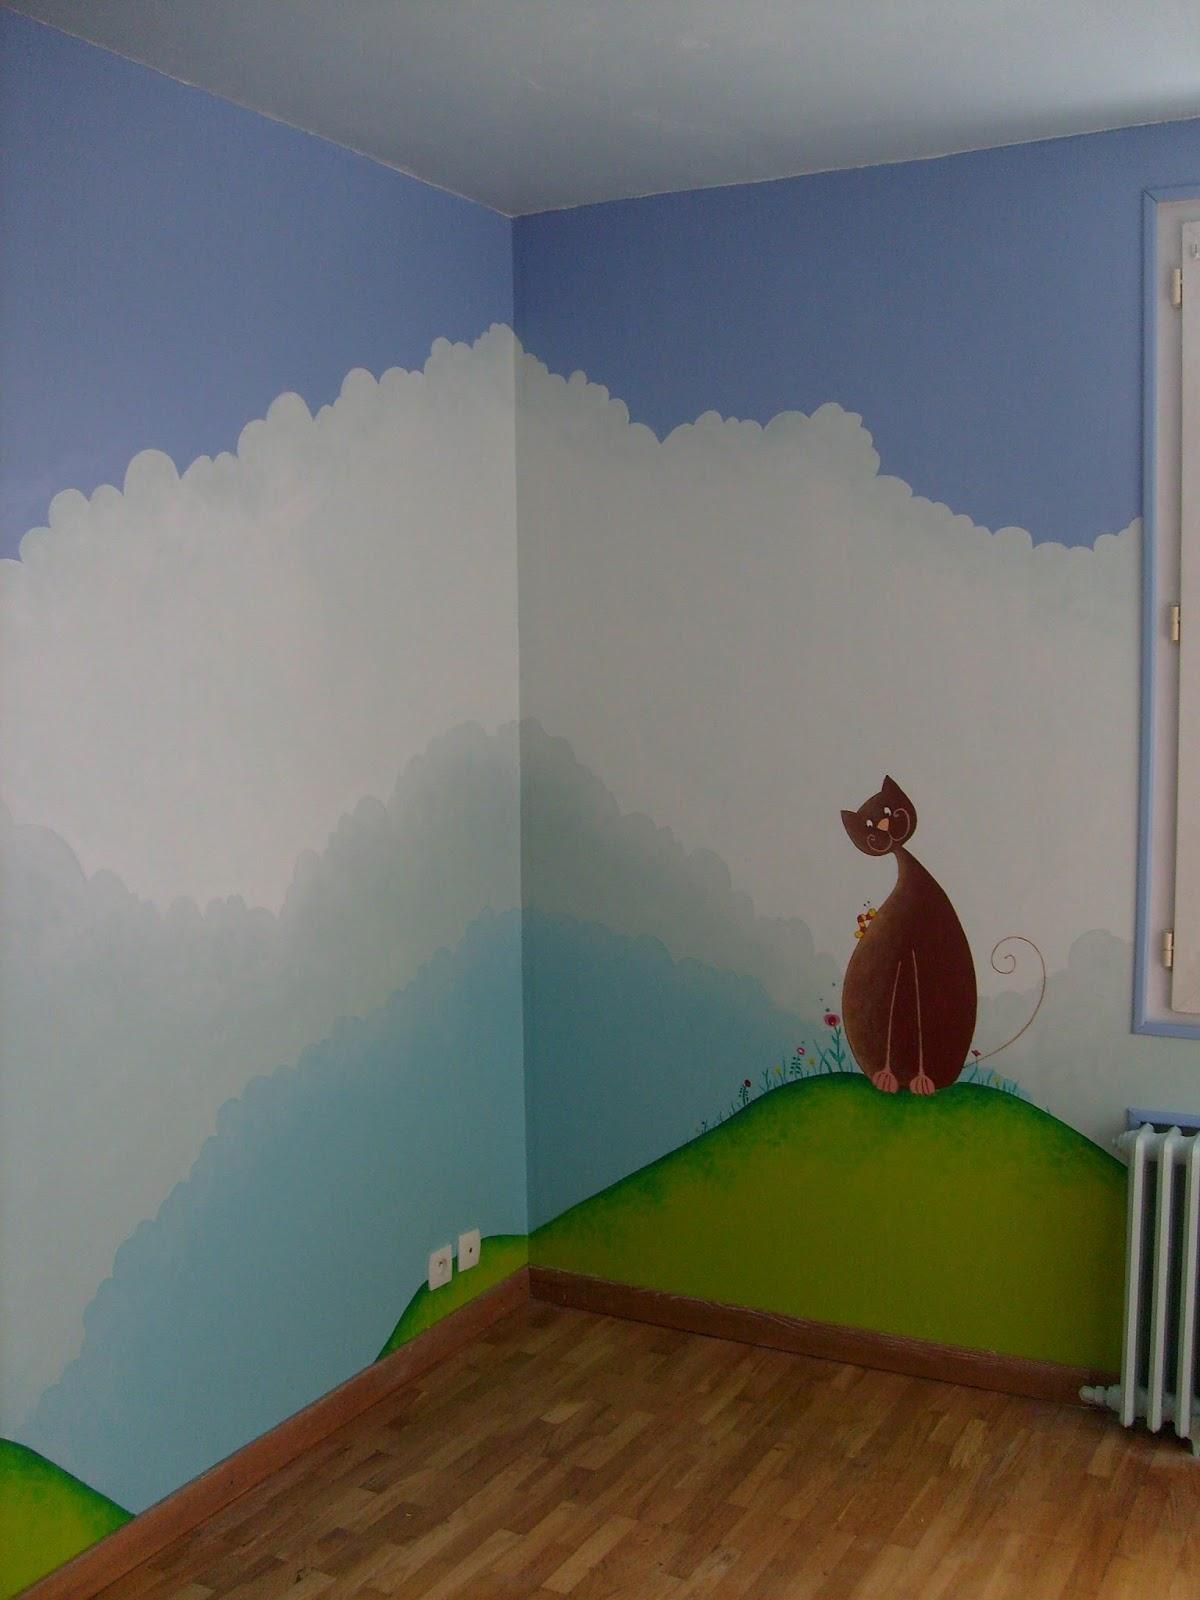 Peinture Pour Chambre Bébé | Peinture Pour Chambre Bébé Inspirant ...